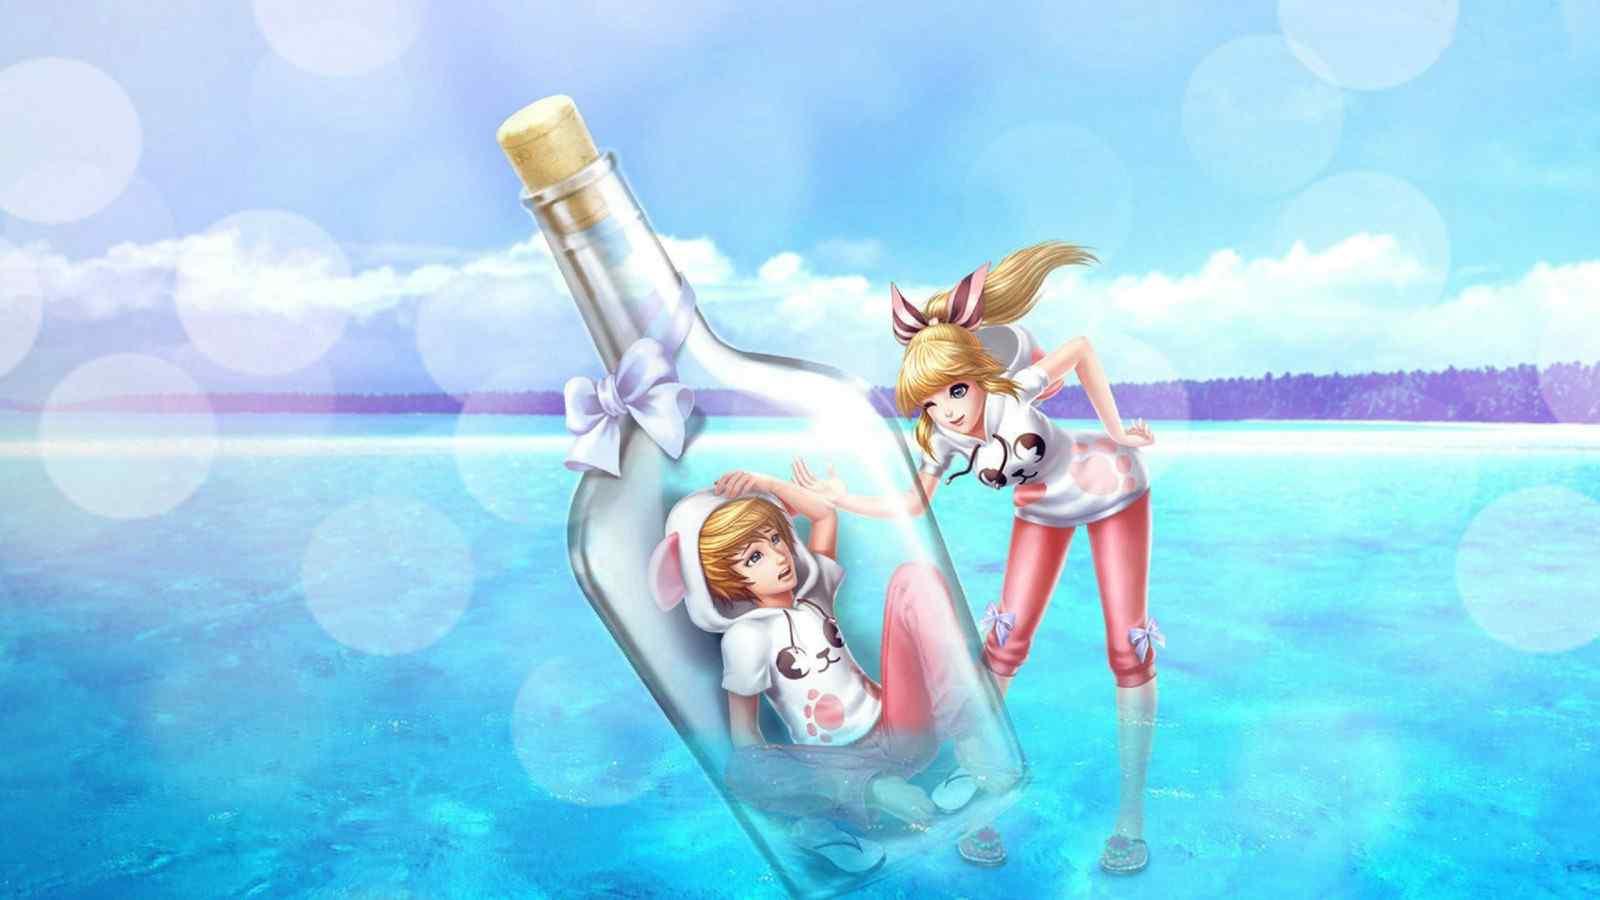 漂流瓶白兔之恋动